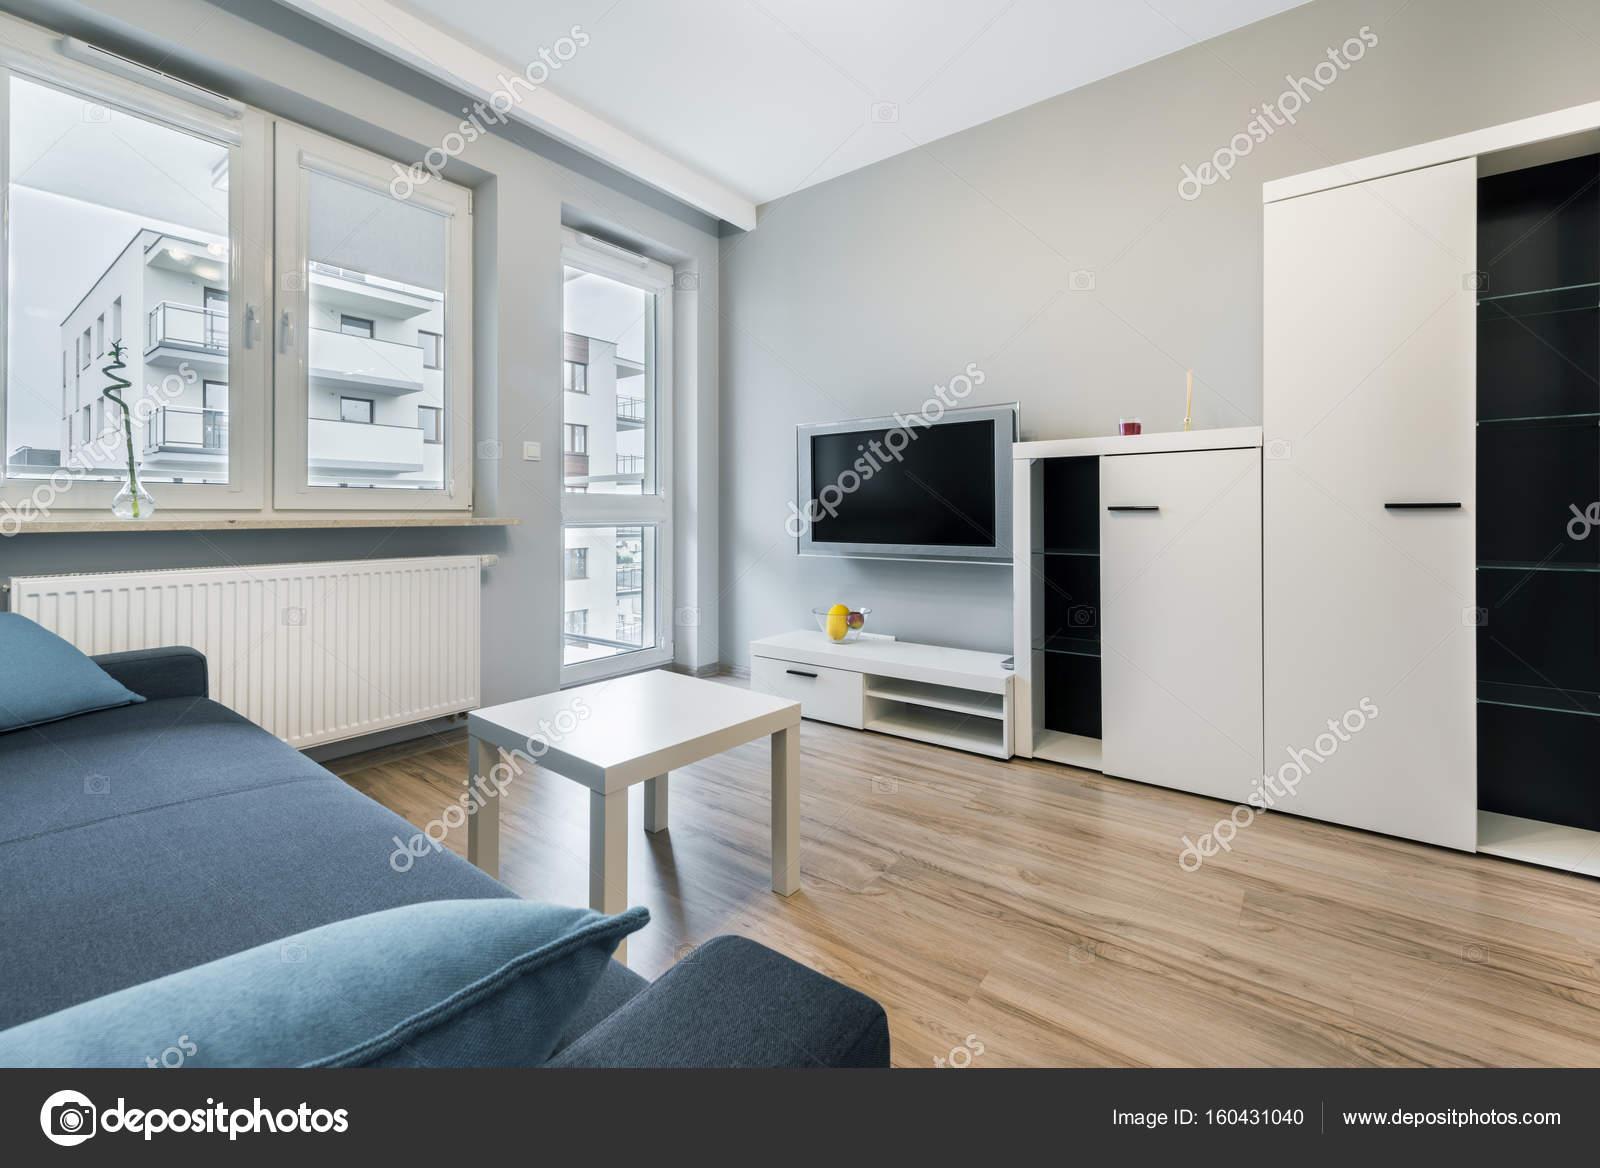 Salone moderno con pareti grigio foto stock jacek for Pareti salone